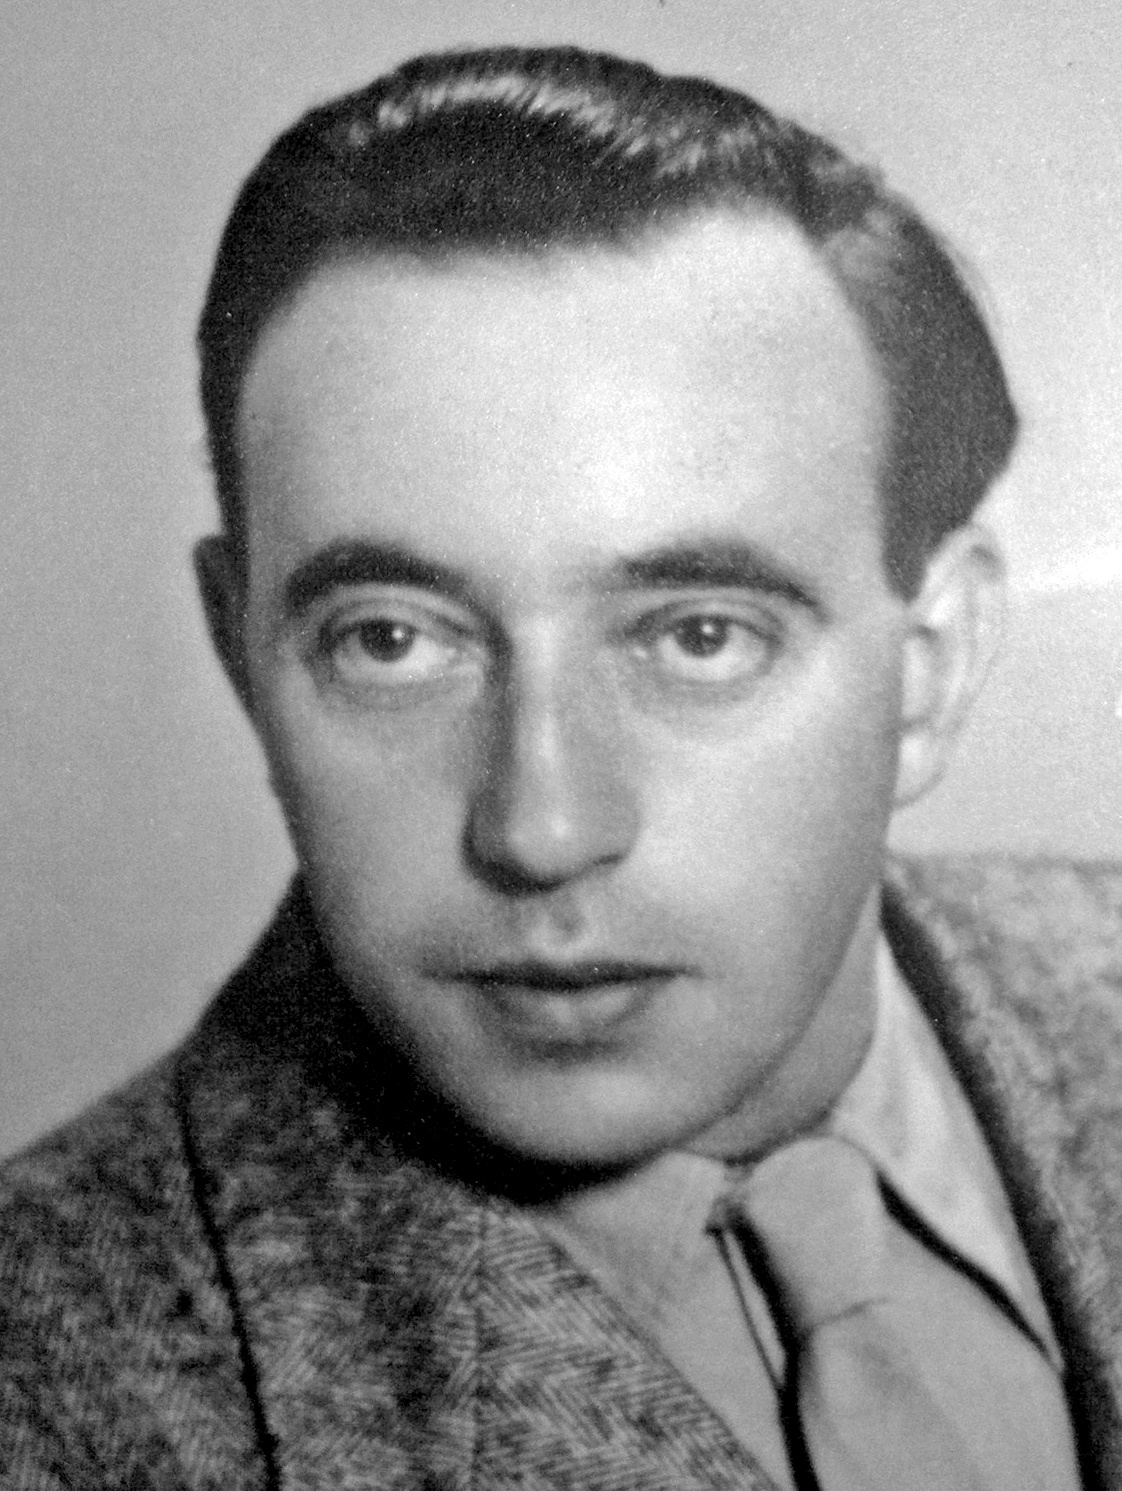 René Thuillier in 1947